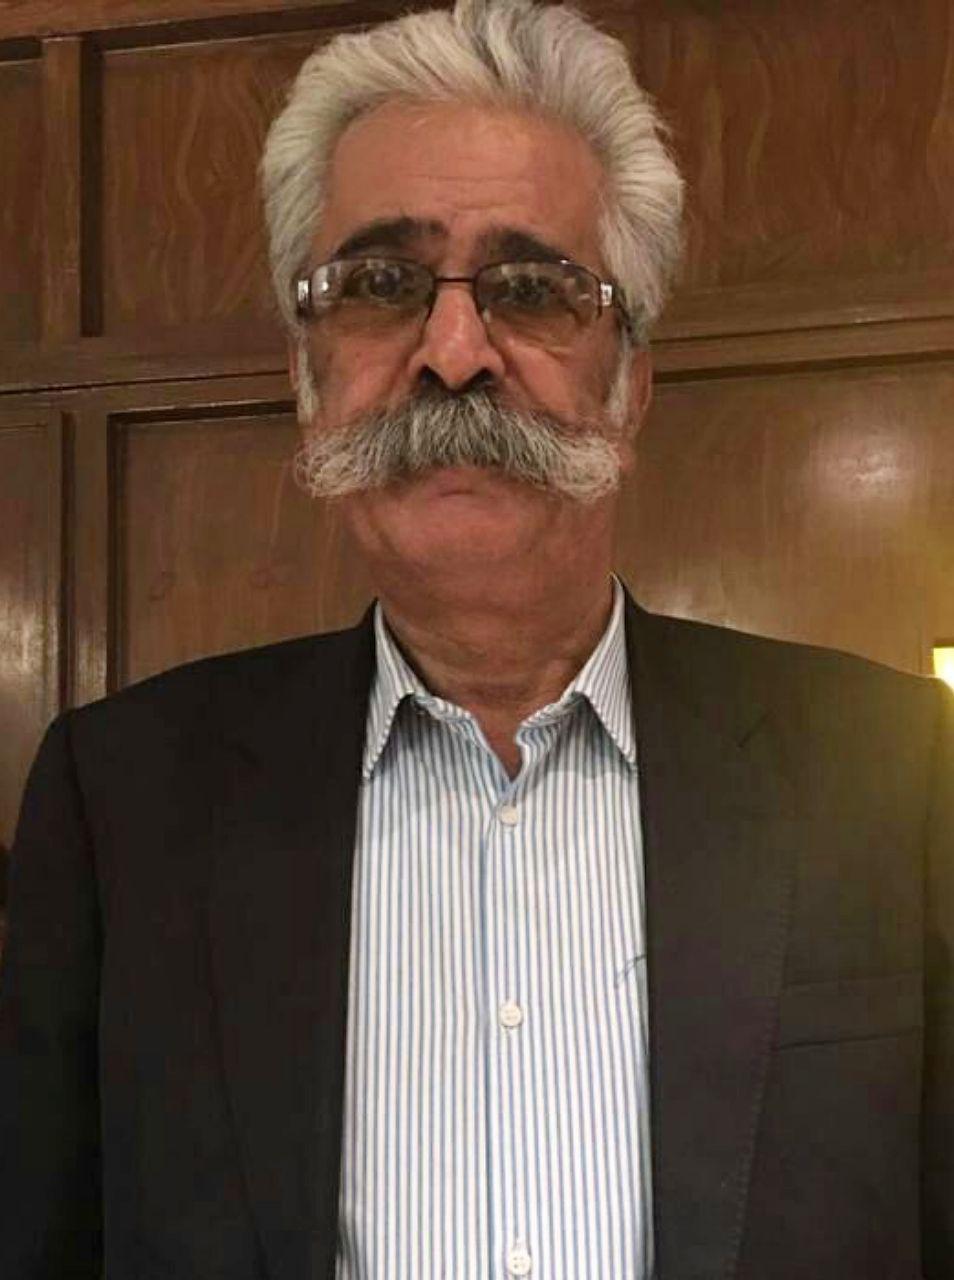 رستم فولادی فرنشین دبیرخانهی انجمن زرتشتیان تهران شد